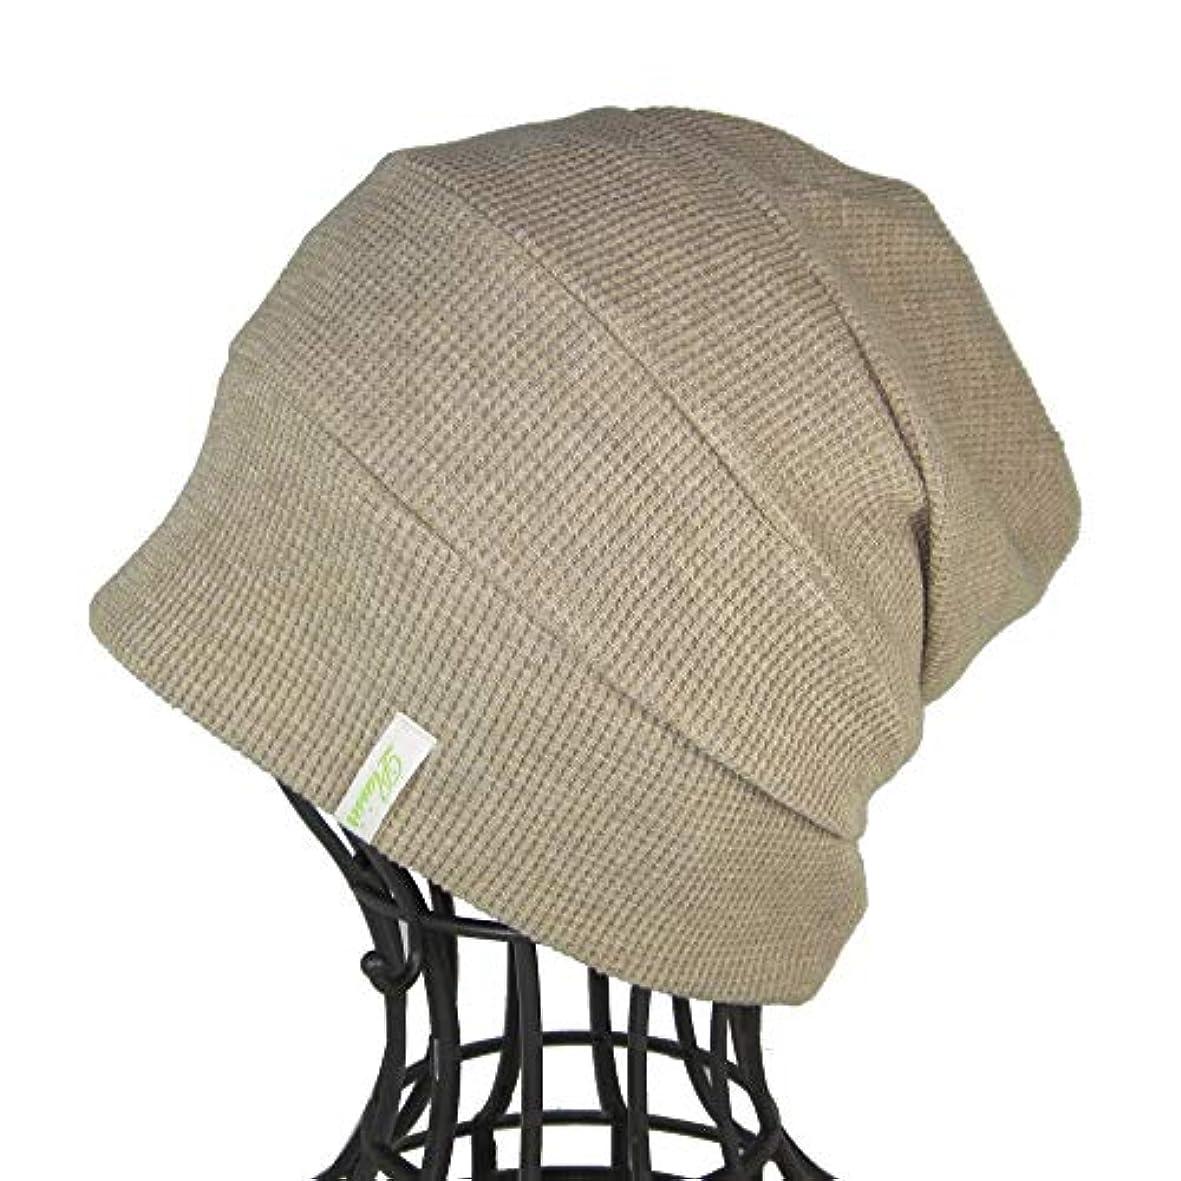 表面コンクリート弱める医療用帽子 オーガニック 抗がん剤帽子/段々ワッチベージュ杢/医療帽子プレジール